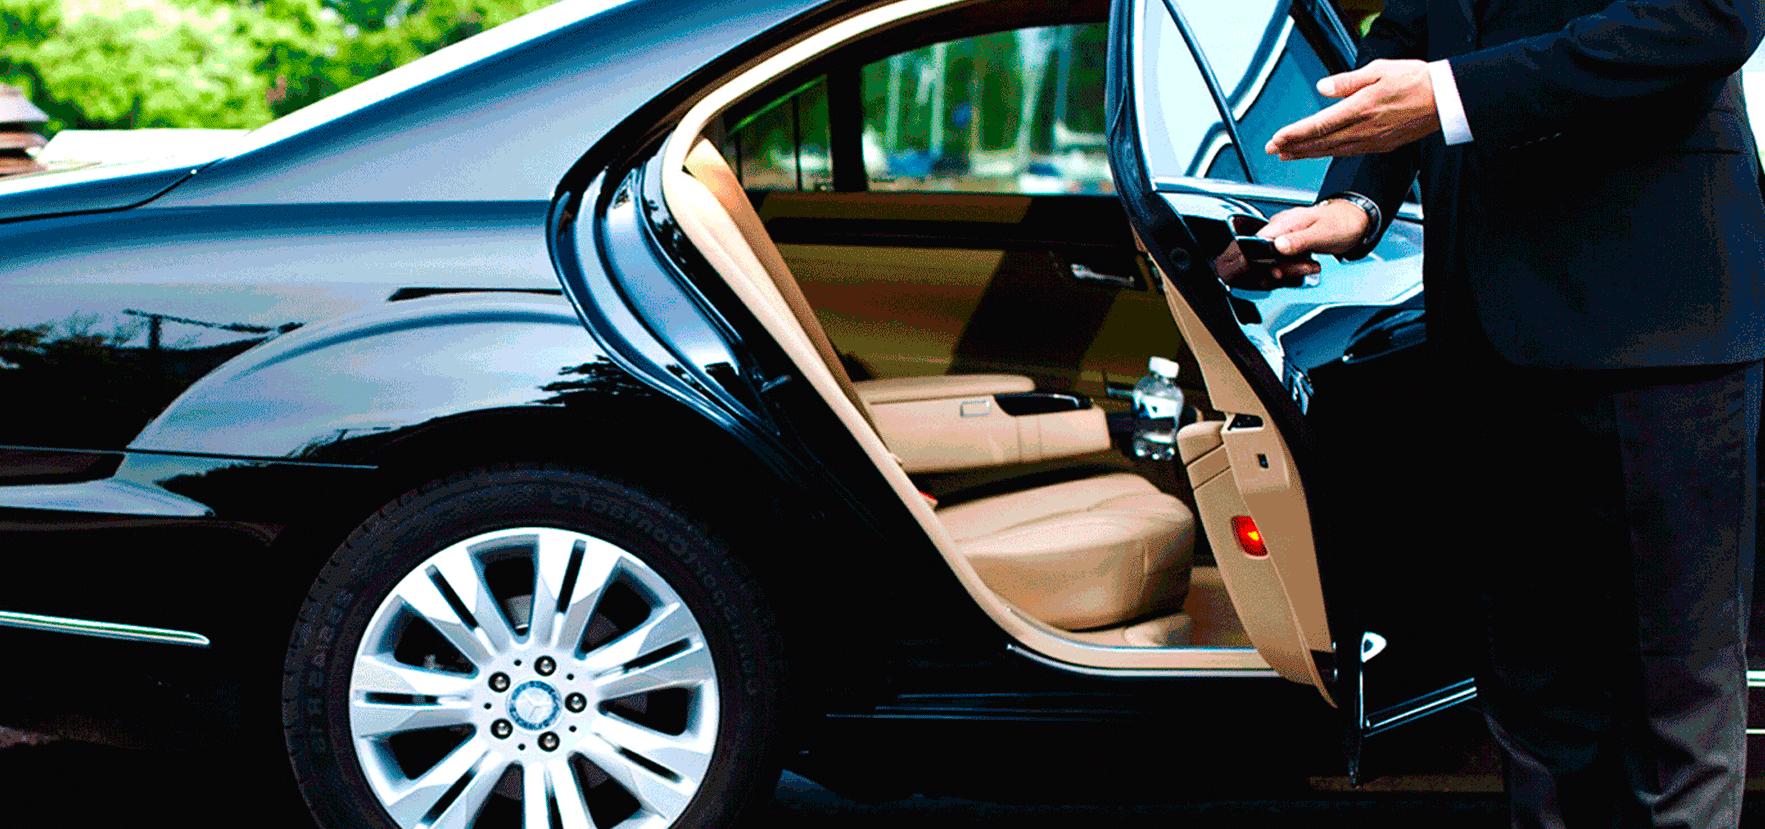 cariocars-aluguel-carros-eventos-festas-reunioes-casamento-rio-de-janeiro-carros-transporte-executivo-empresario